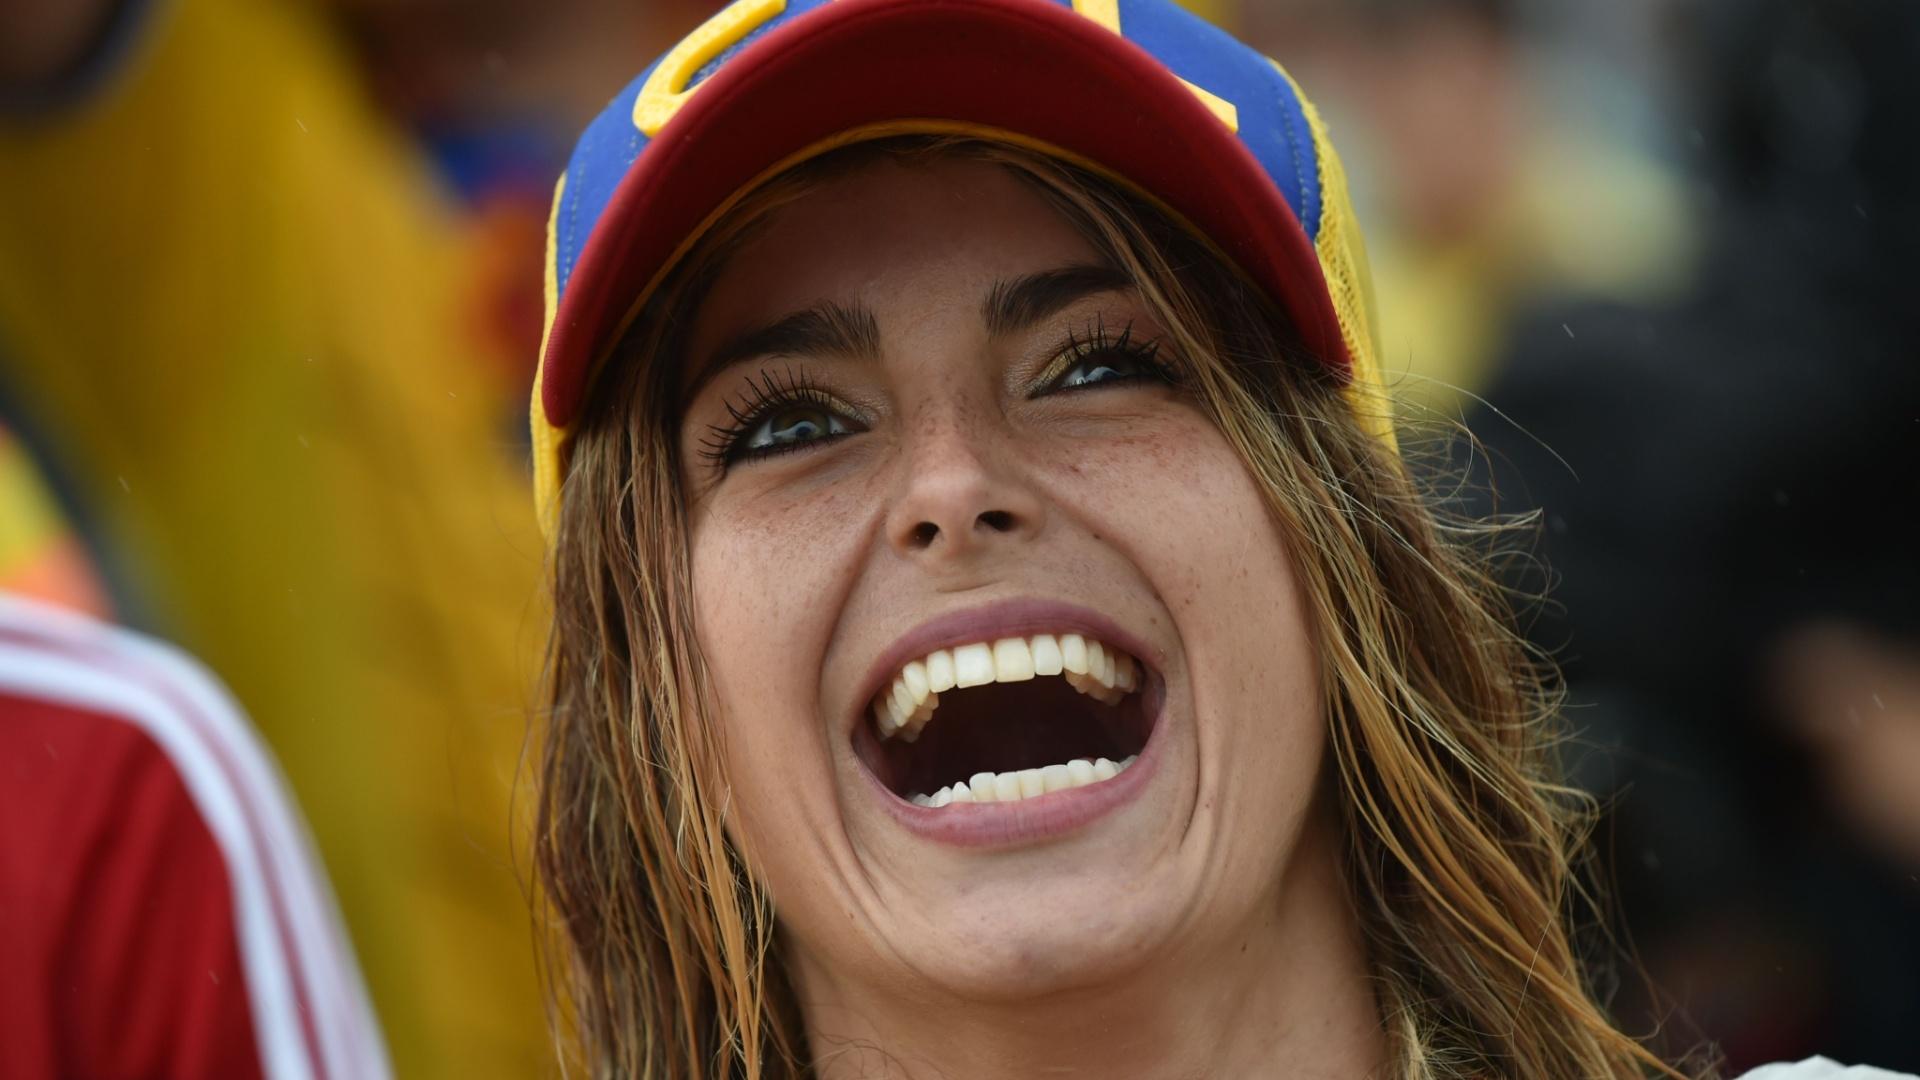 19.jun.2014 - O sorriso da bela torcedora colombiana na Fan Fest de Copacabana evidencia a satisfação com a vitória por 2 a 1 sobre a Costa do Marfim